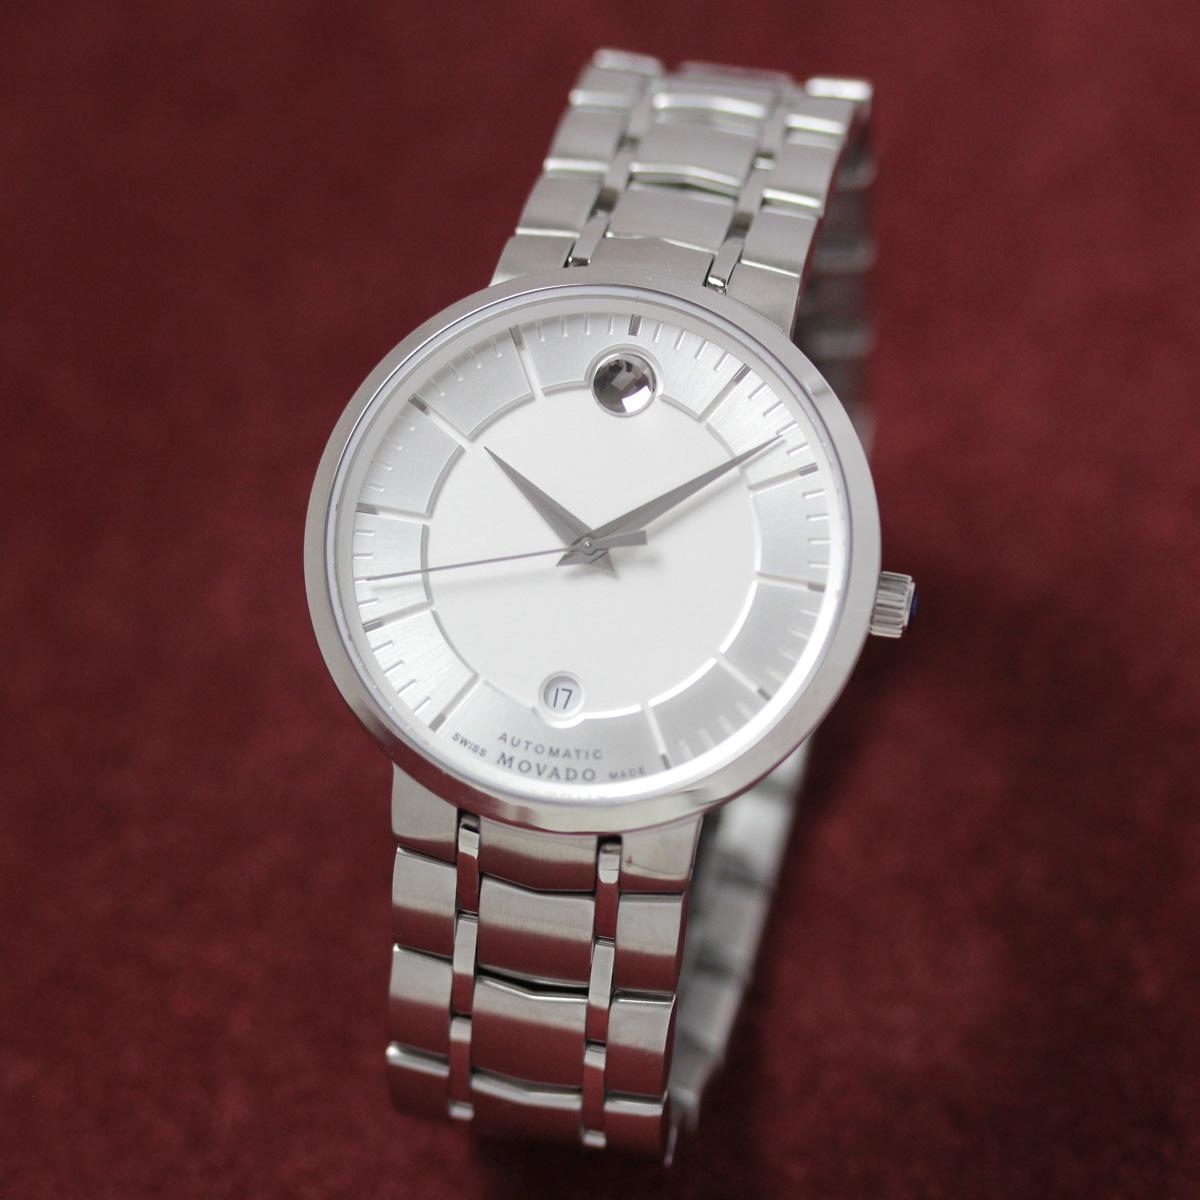 モバード 自動巻き 男性用腕時計m06069158105s